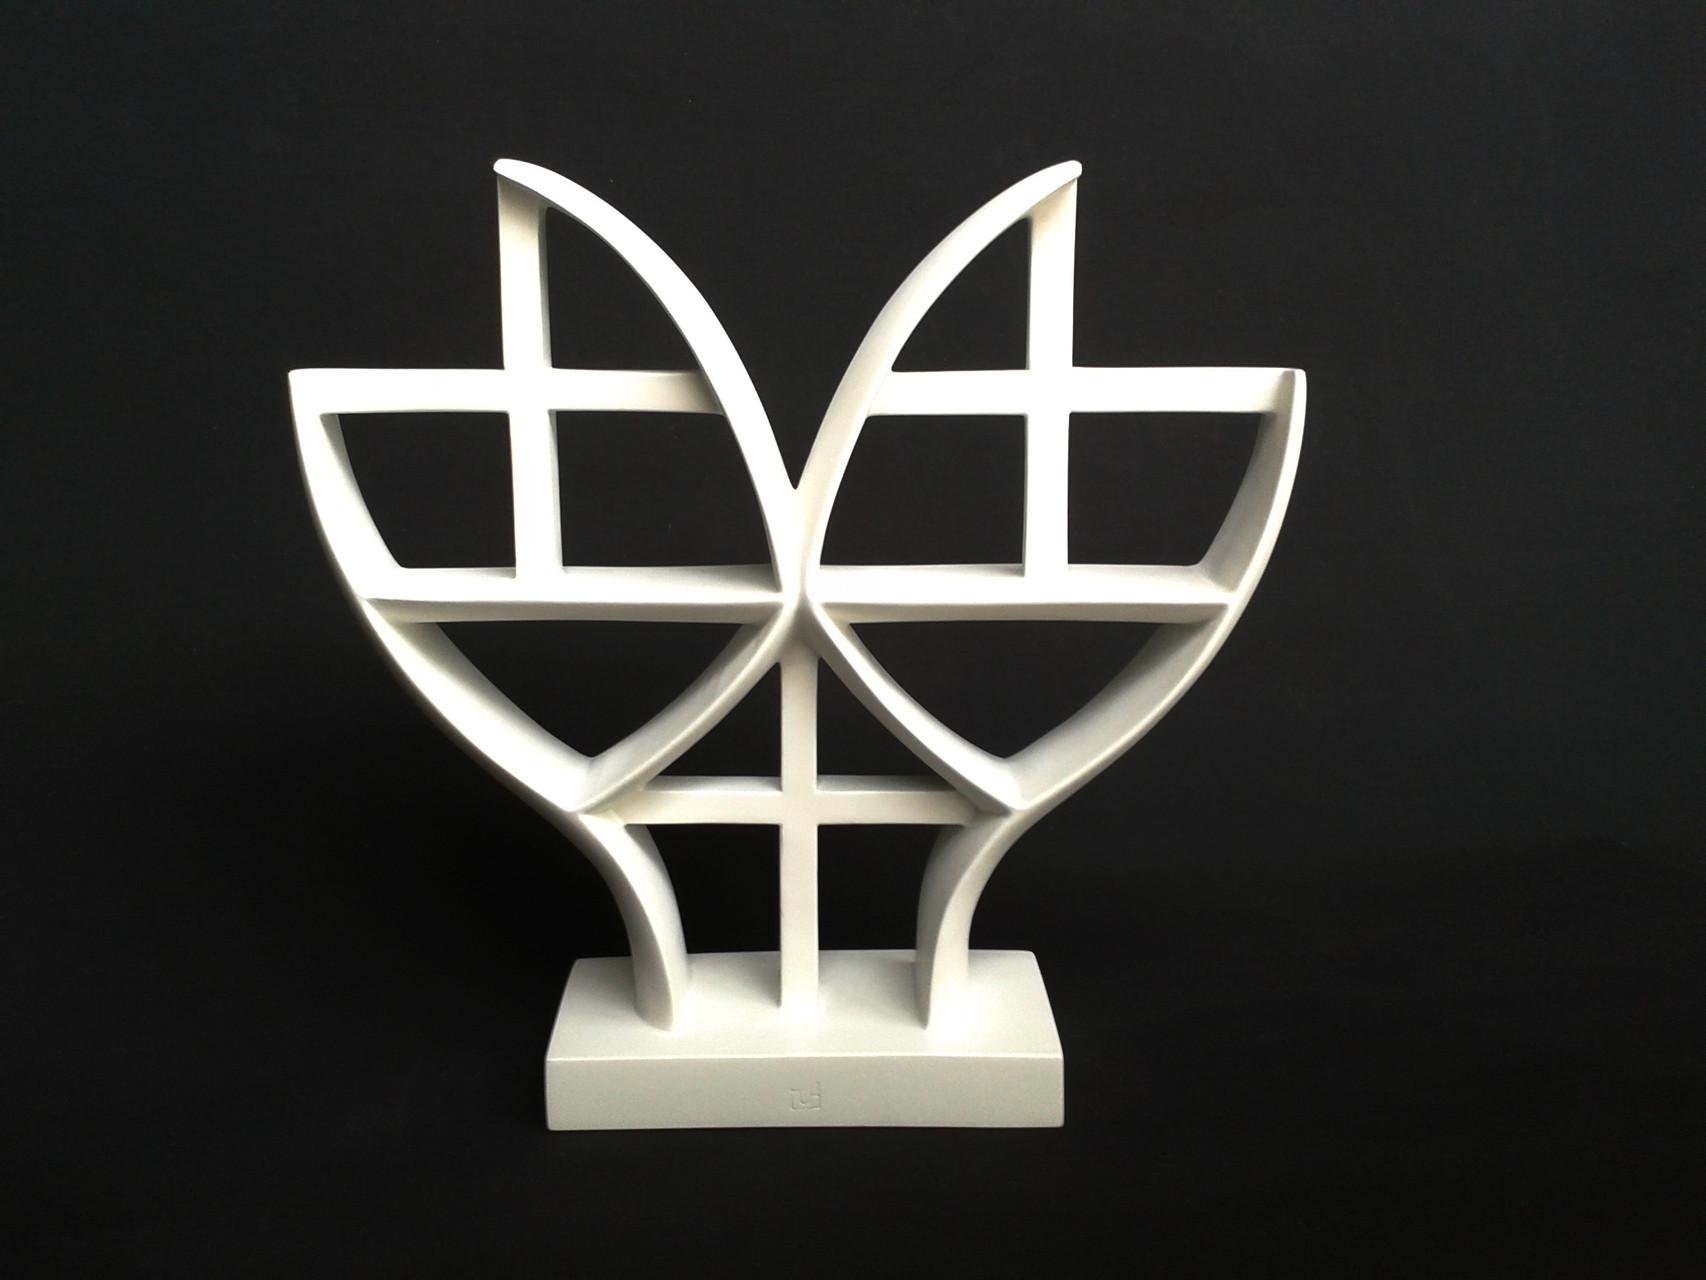 A+G 2. 2012. 37 X 35 X 9 cm. Aluminio - Pintura electrostática